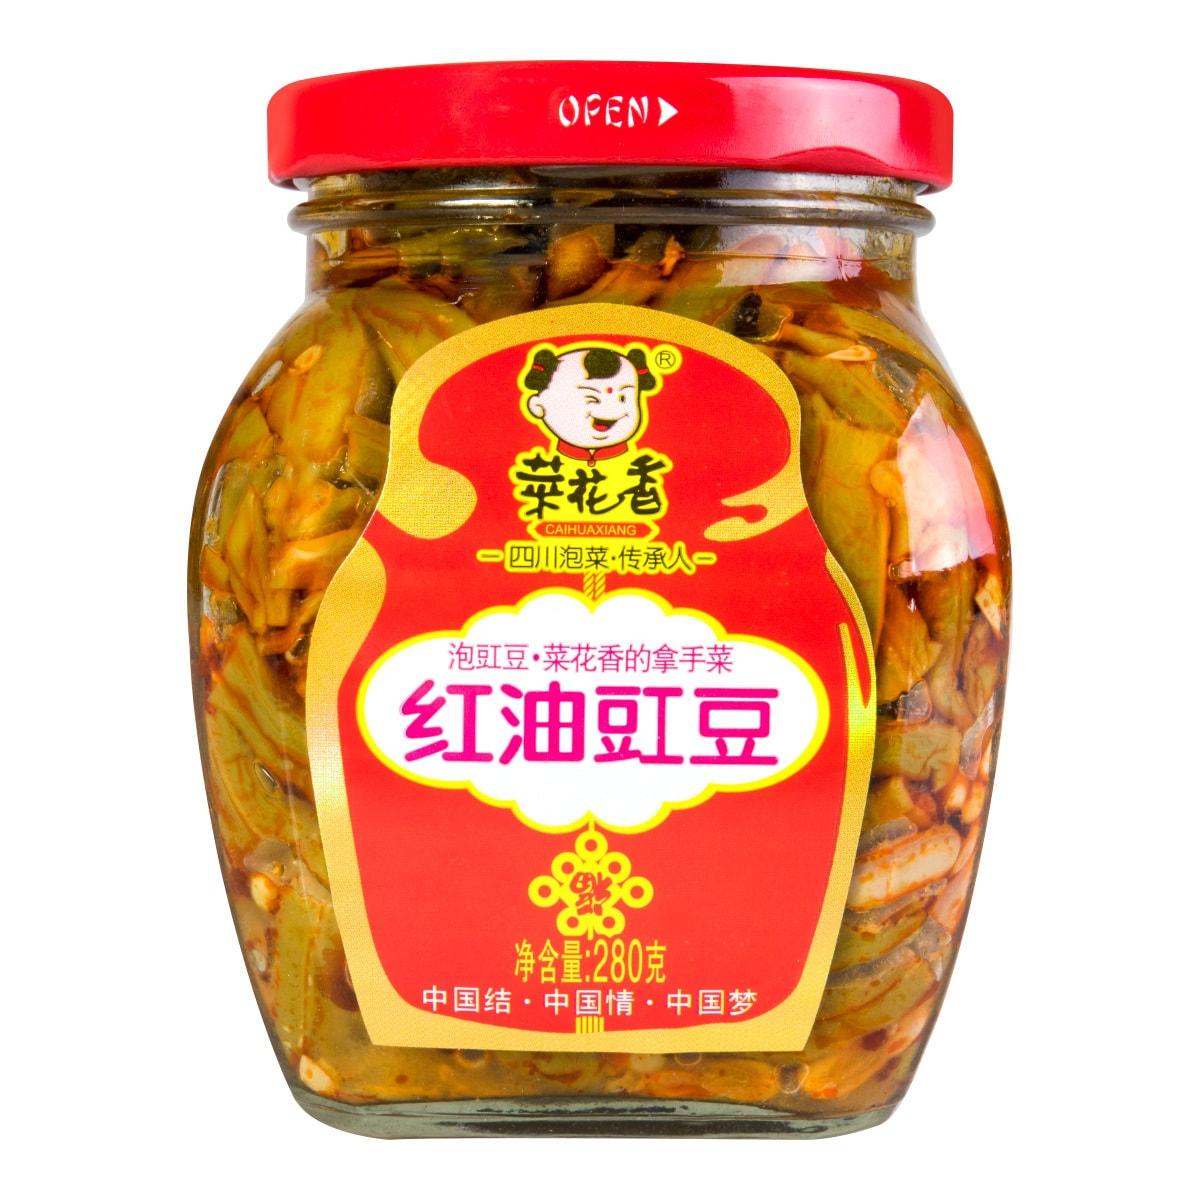 菜花香 老坛秘制 地道川味 即食红油豇豆 280g